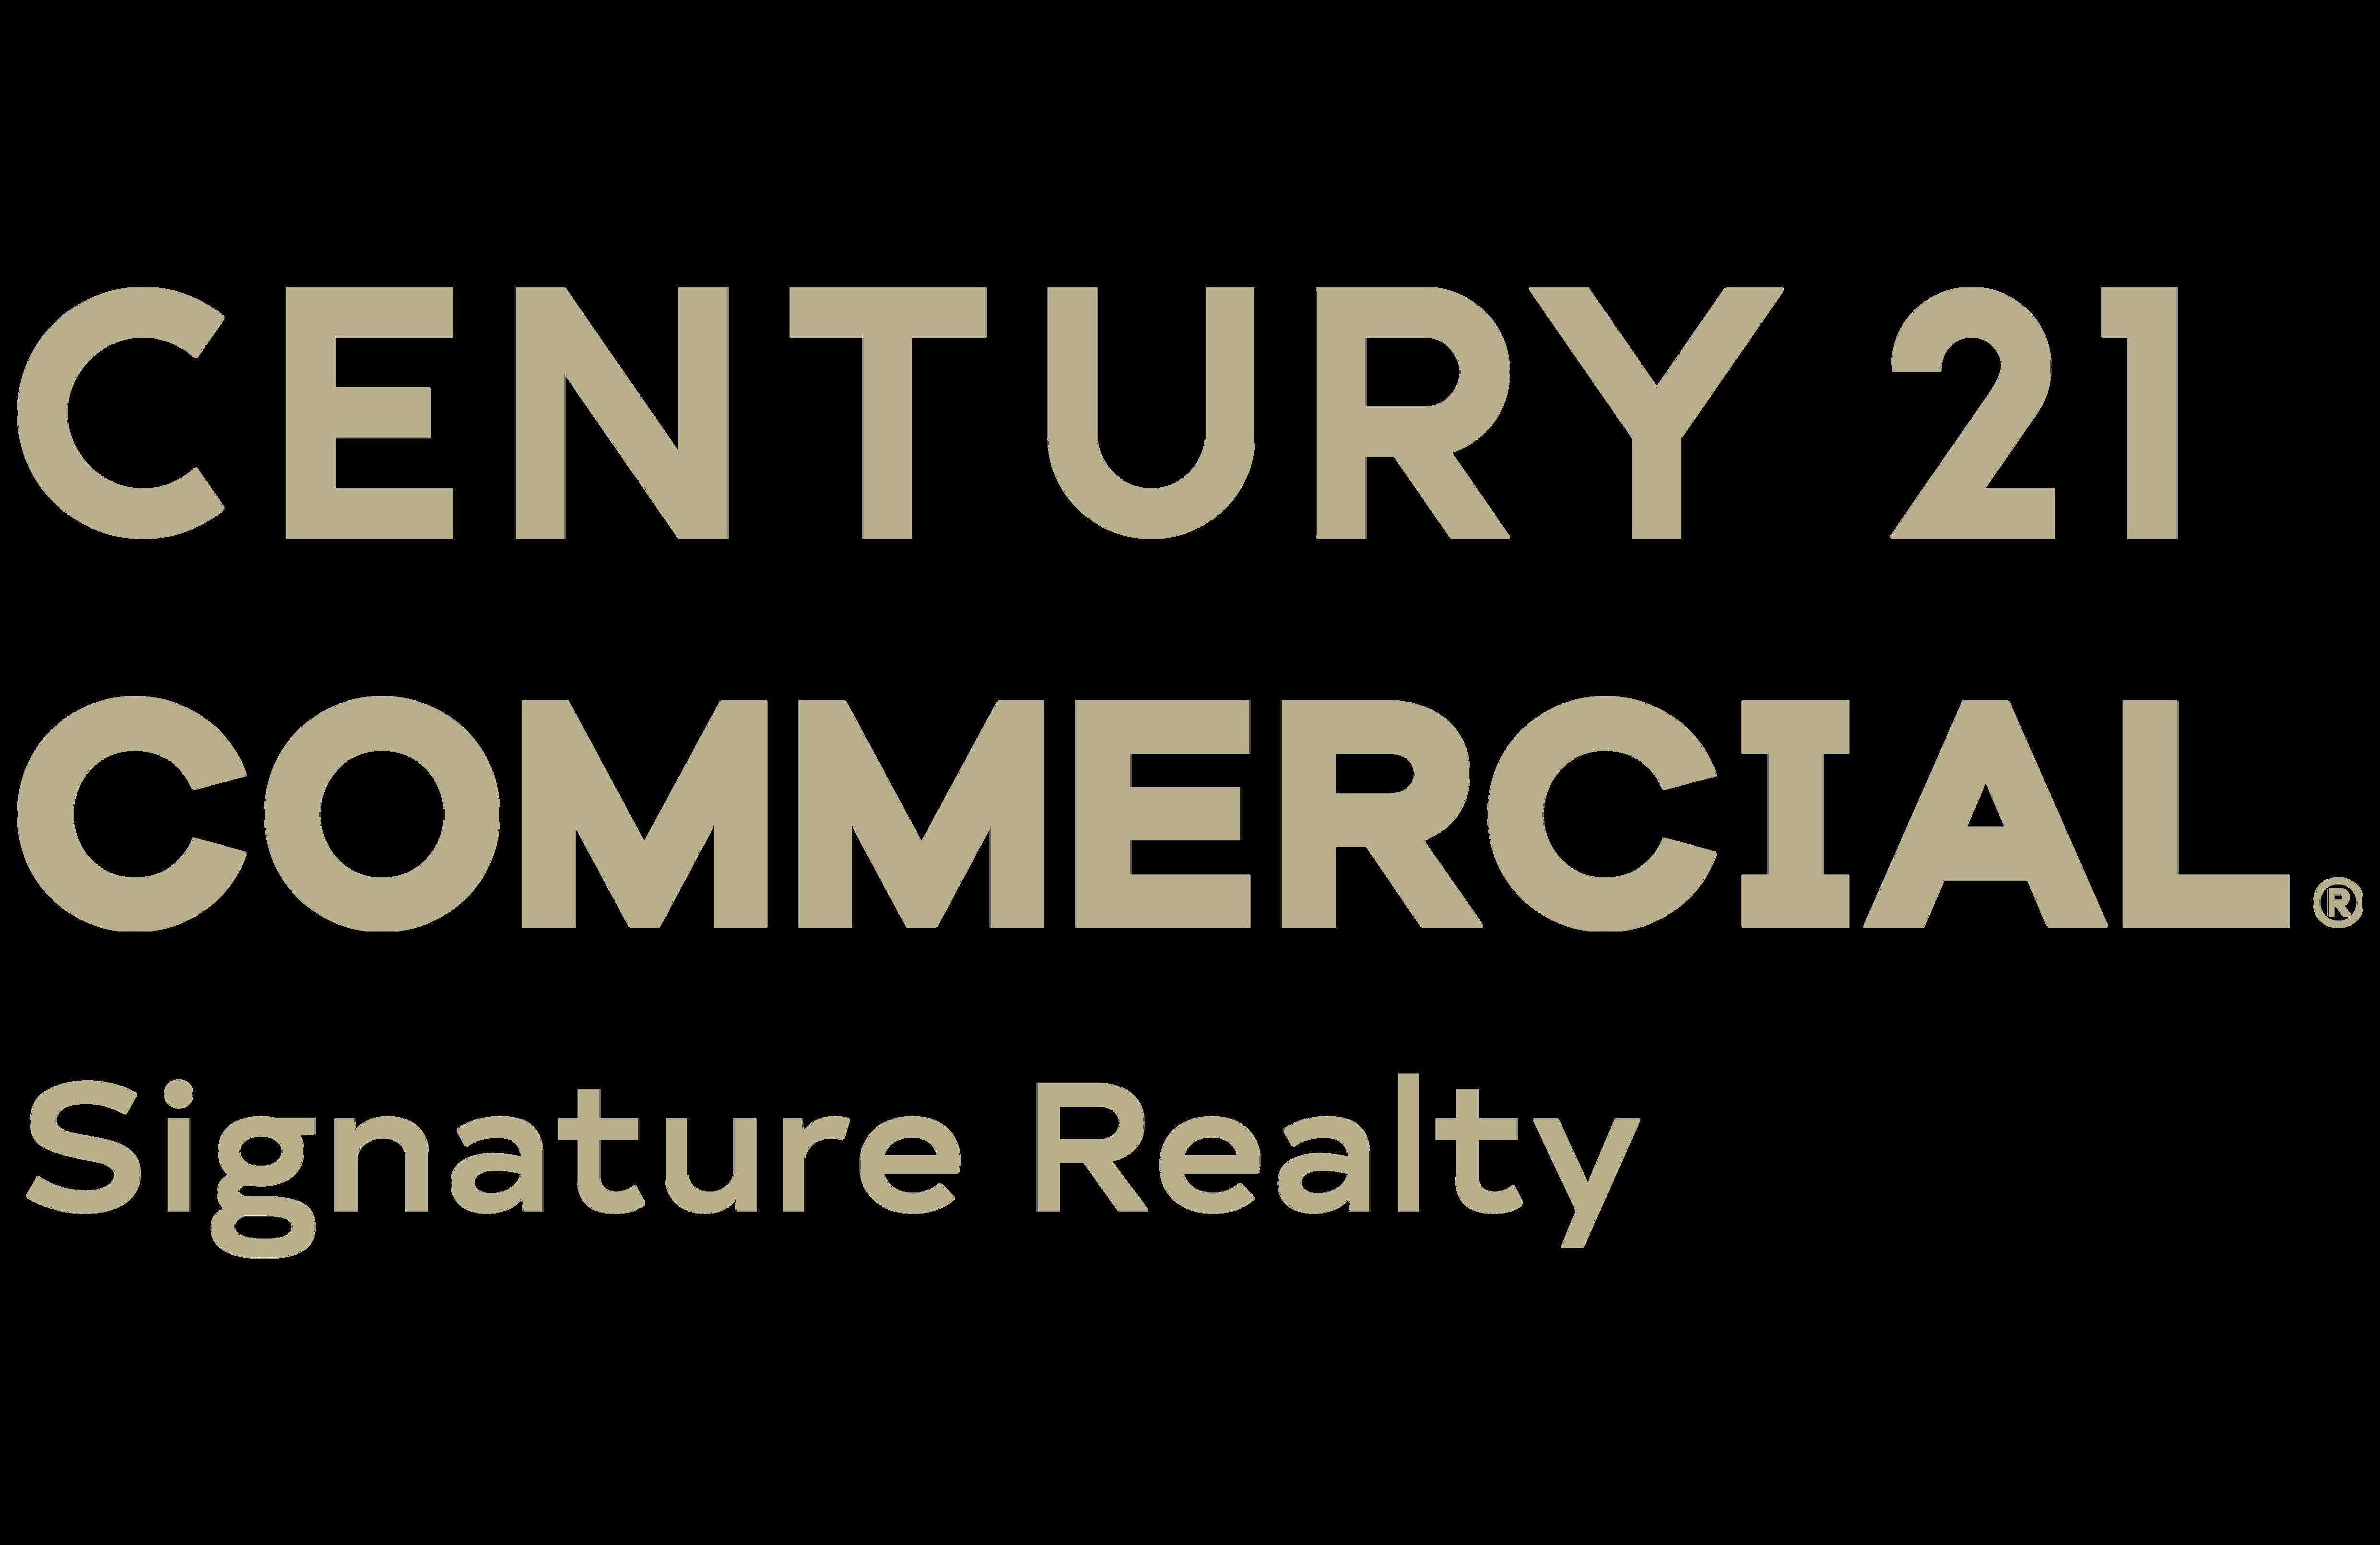 Diana Bay of CENTURY 21 Signature Realty logo